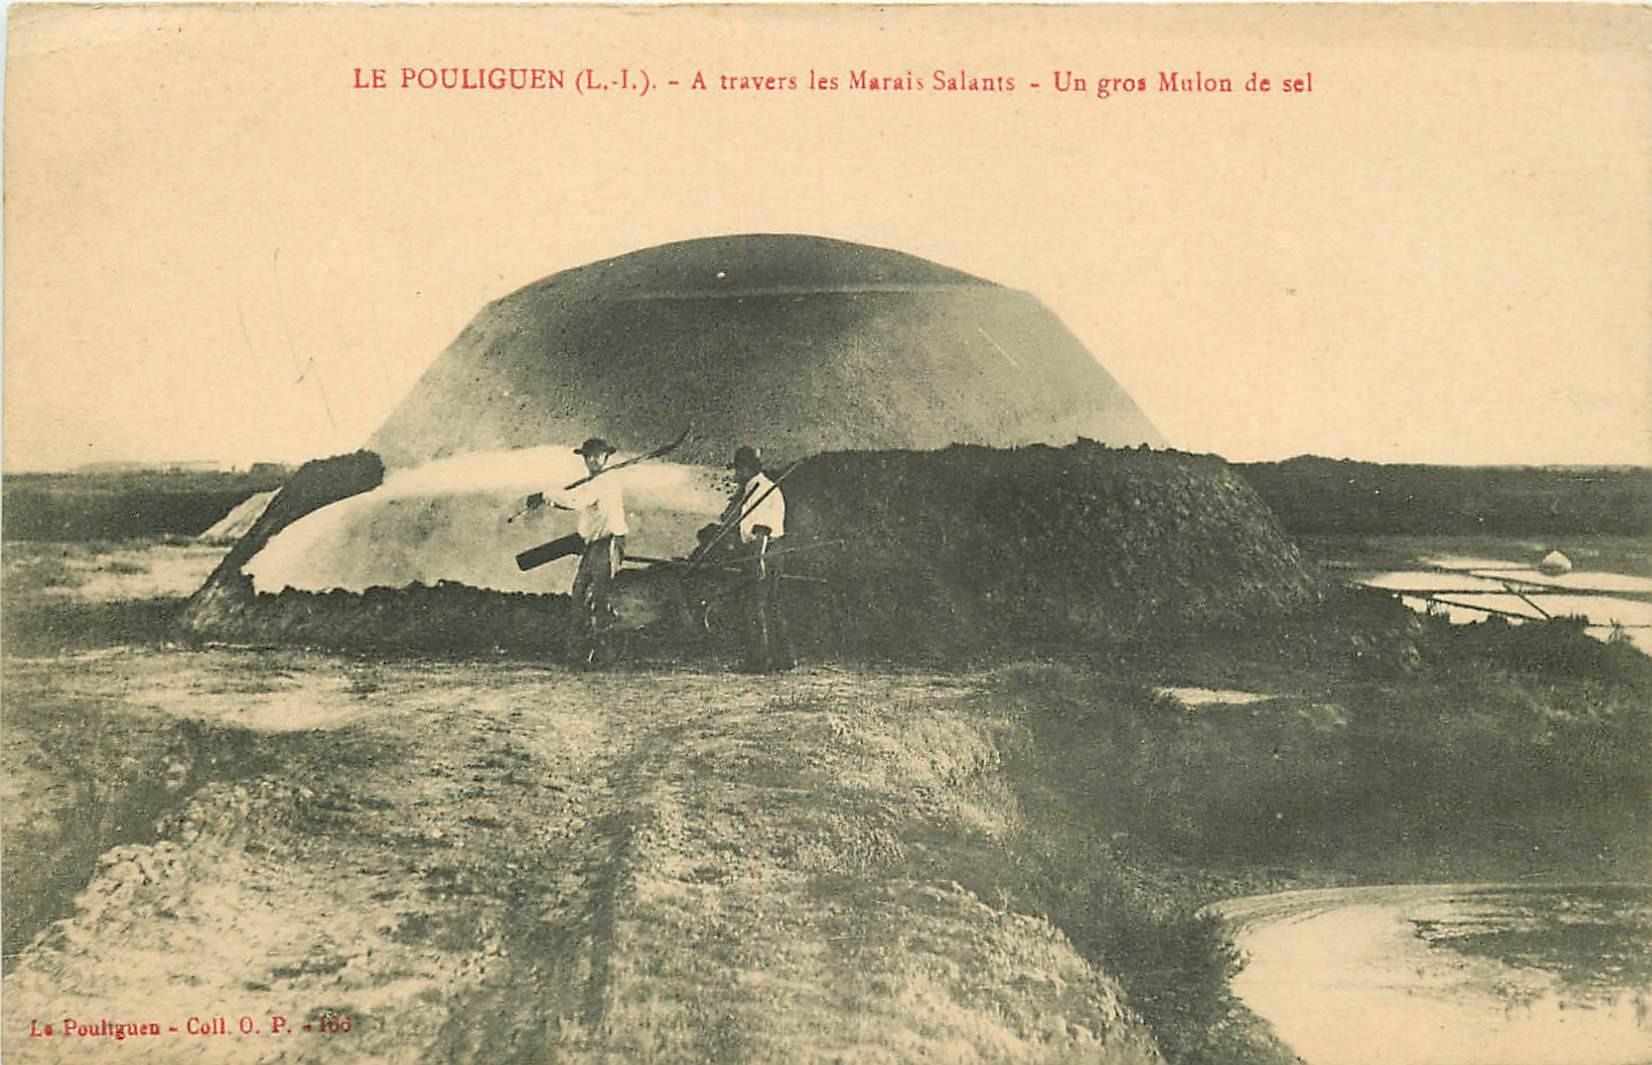 44 LE POULIGUEN. Un gros Mulon de Sel et Paludiers à travers les Marais Salants